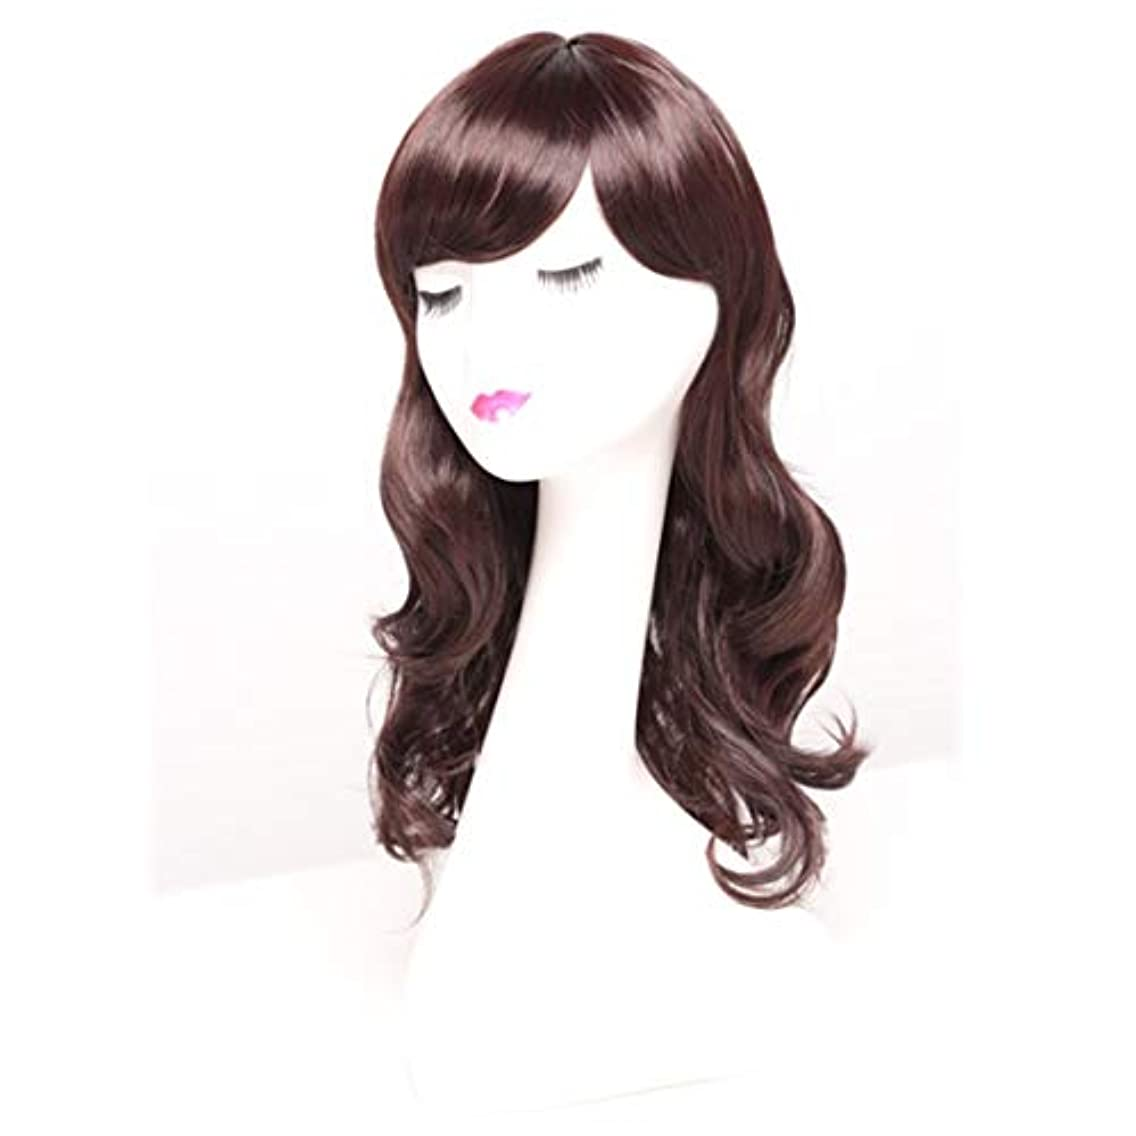 驚き速記吸うSummerys 女性のための長い巻き毛のかつらかつらかつらと人工的な毛髪のかつら本物の髪として自然なかつら